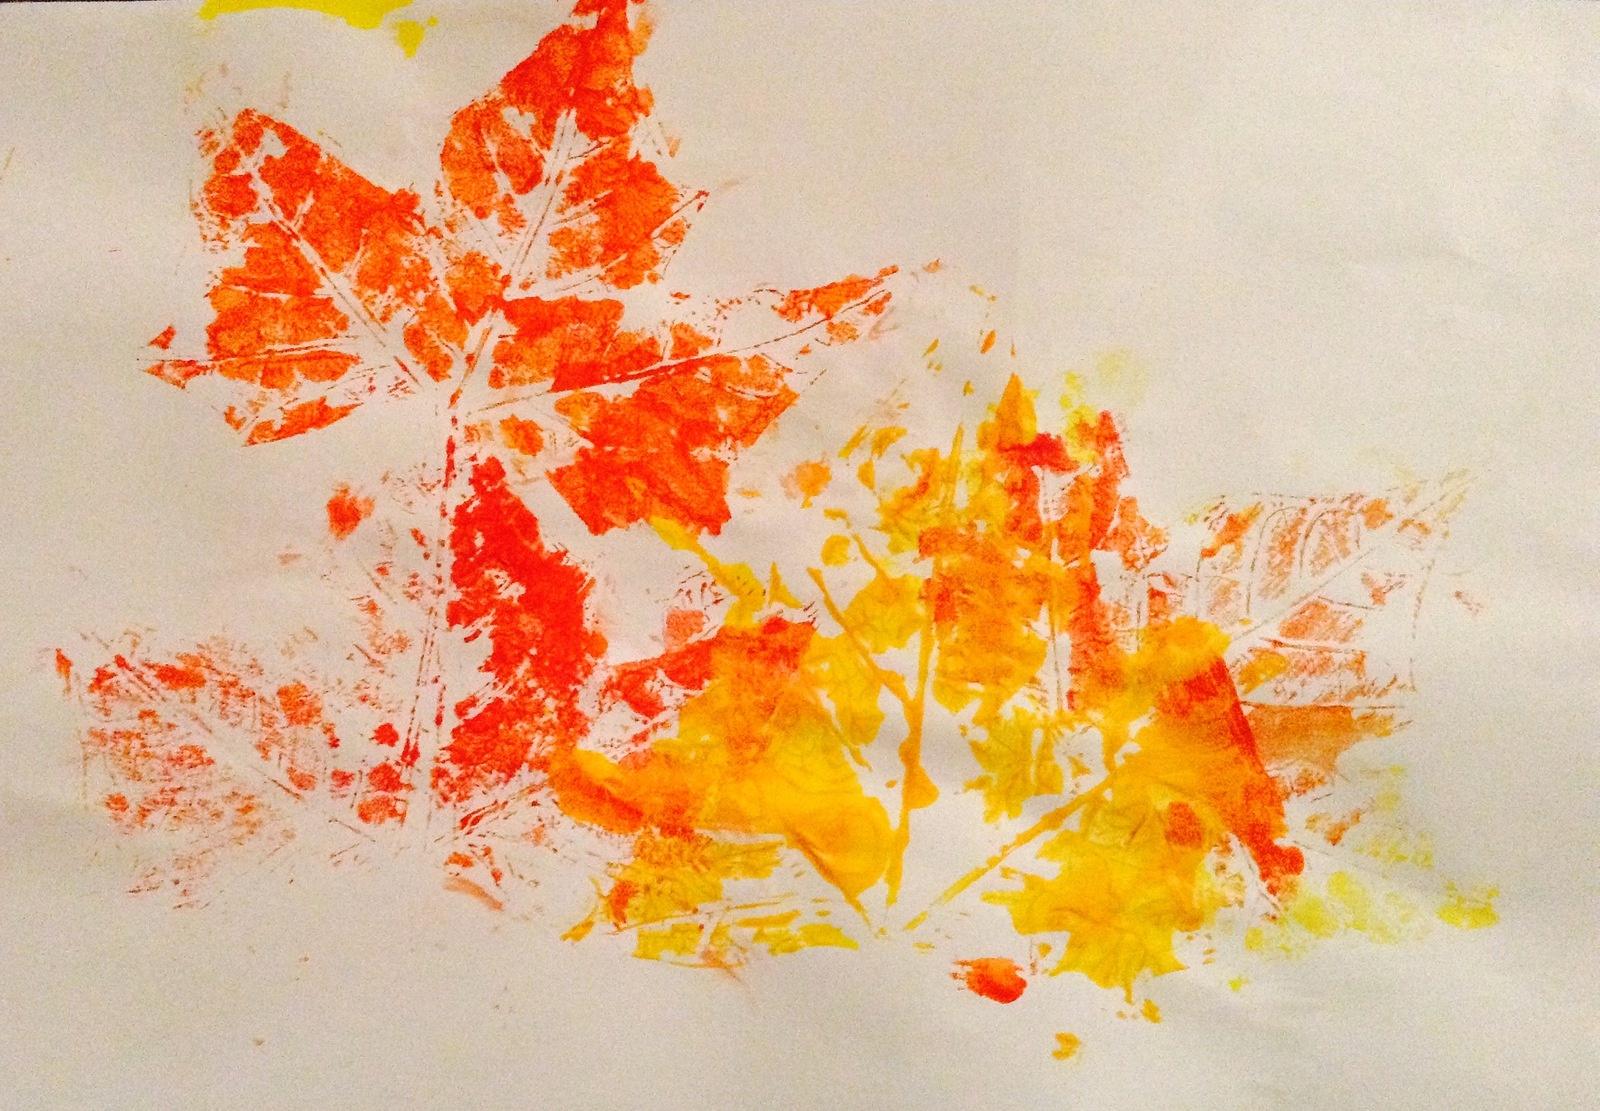 L'automne Est Là ! Empreinte De Peinture Avec Des Feuilles dedans Dessin De Feuille D Automne